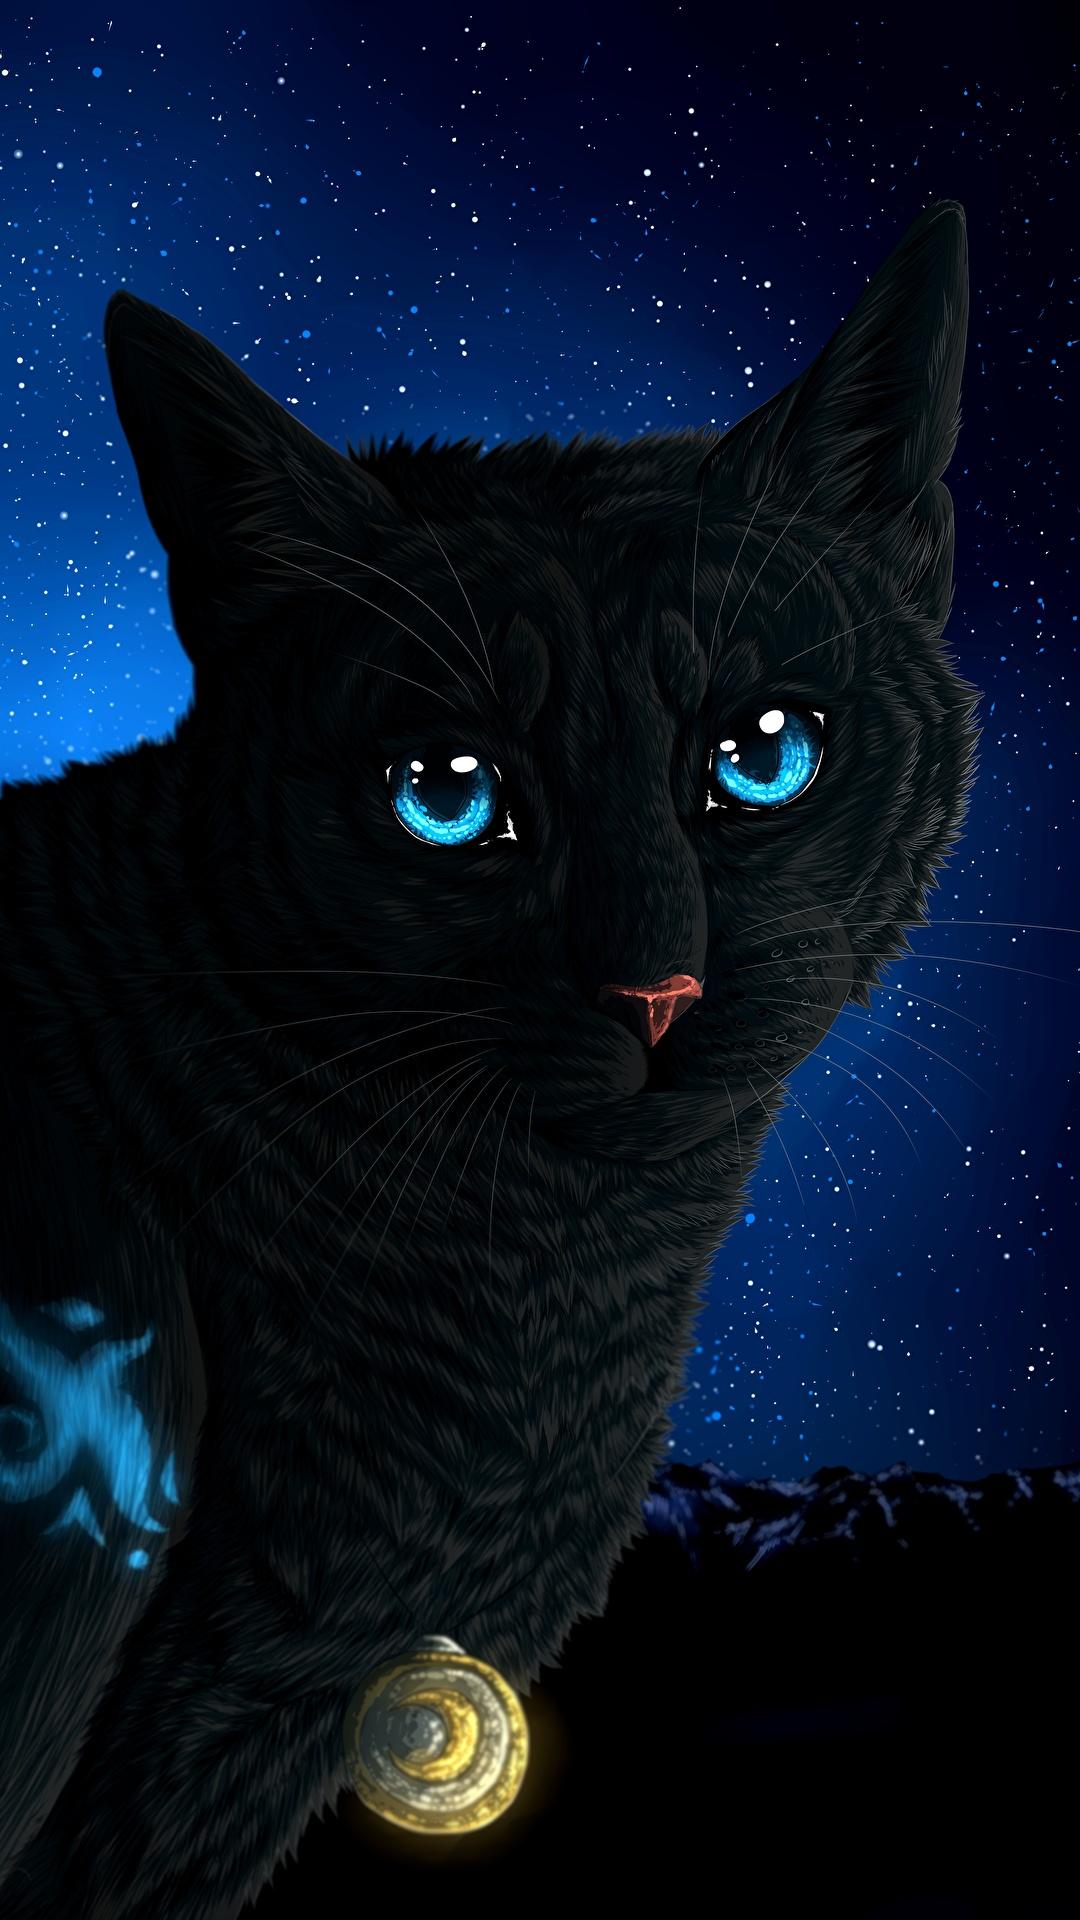 壁紙 1080x1920 飼い猫 描かれた壁紙 夜 凝視 動物